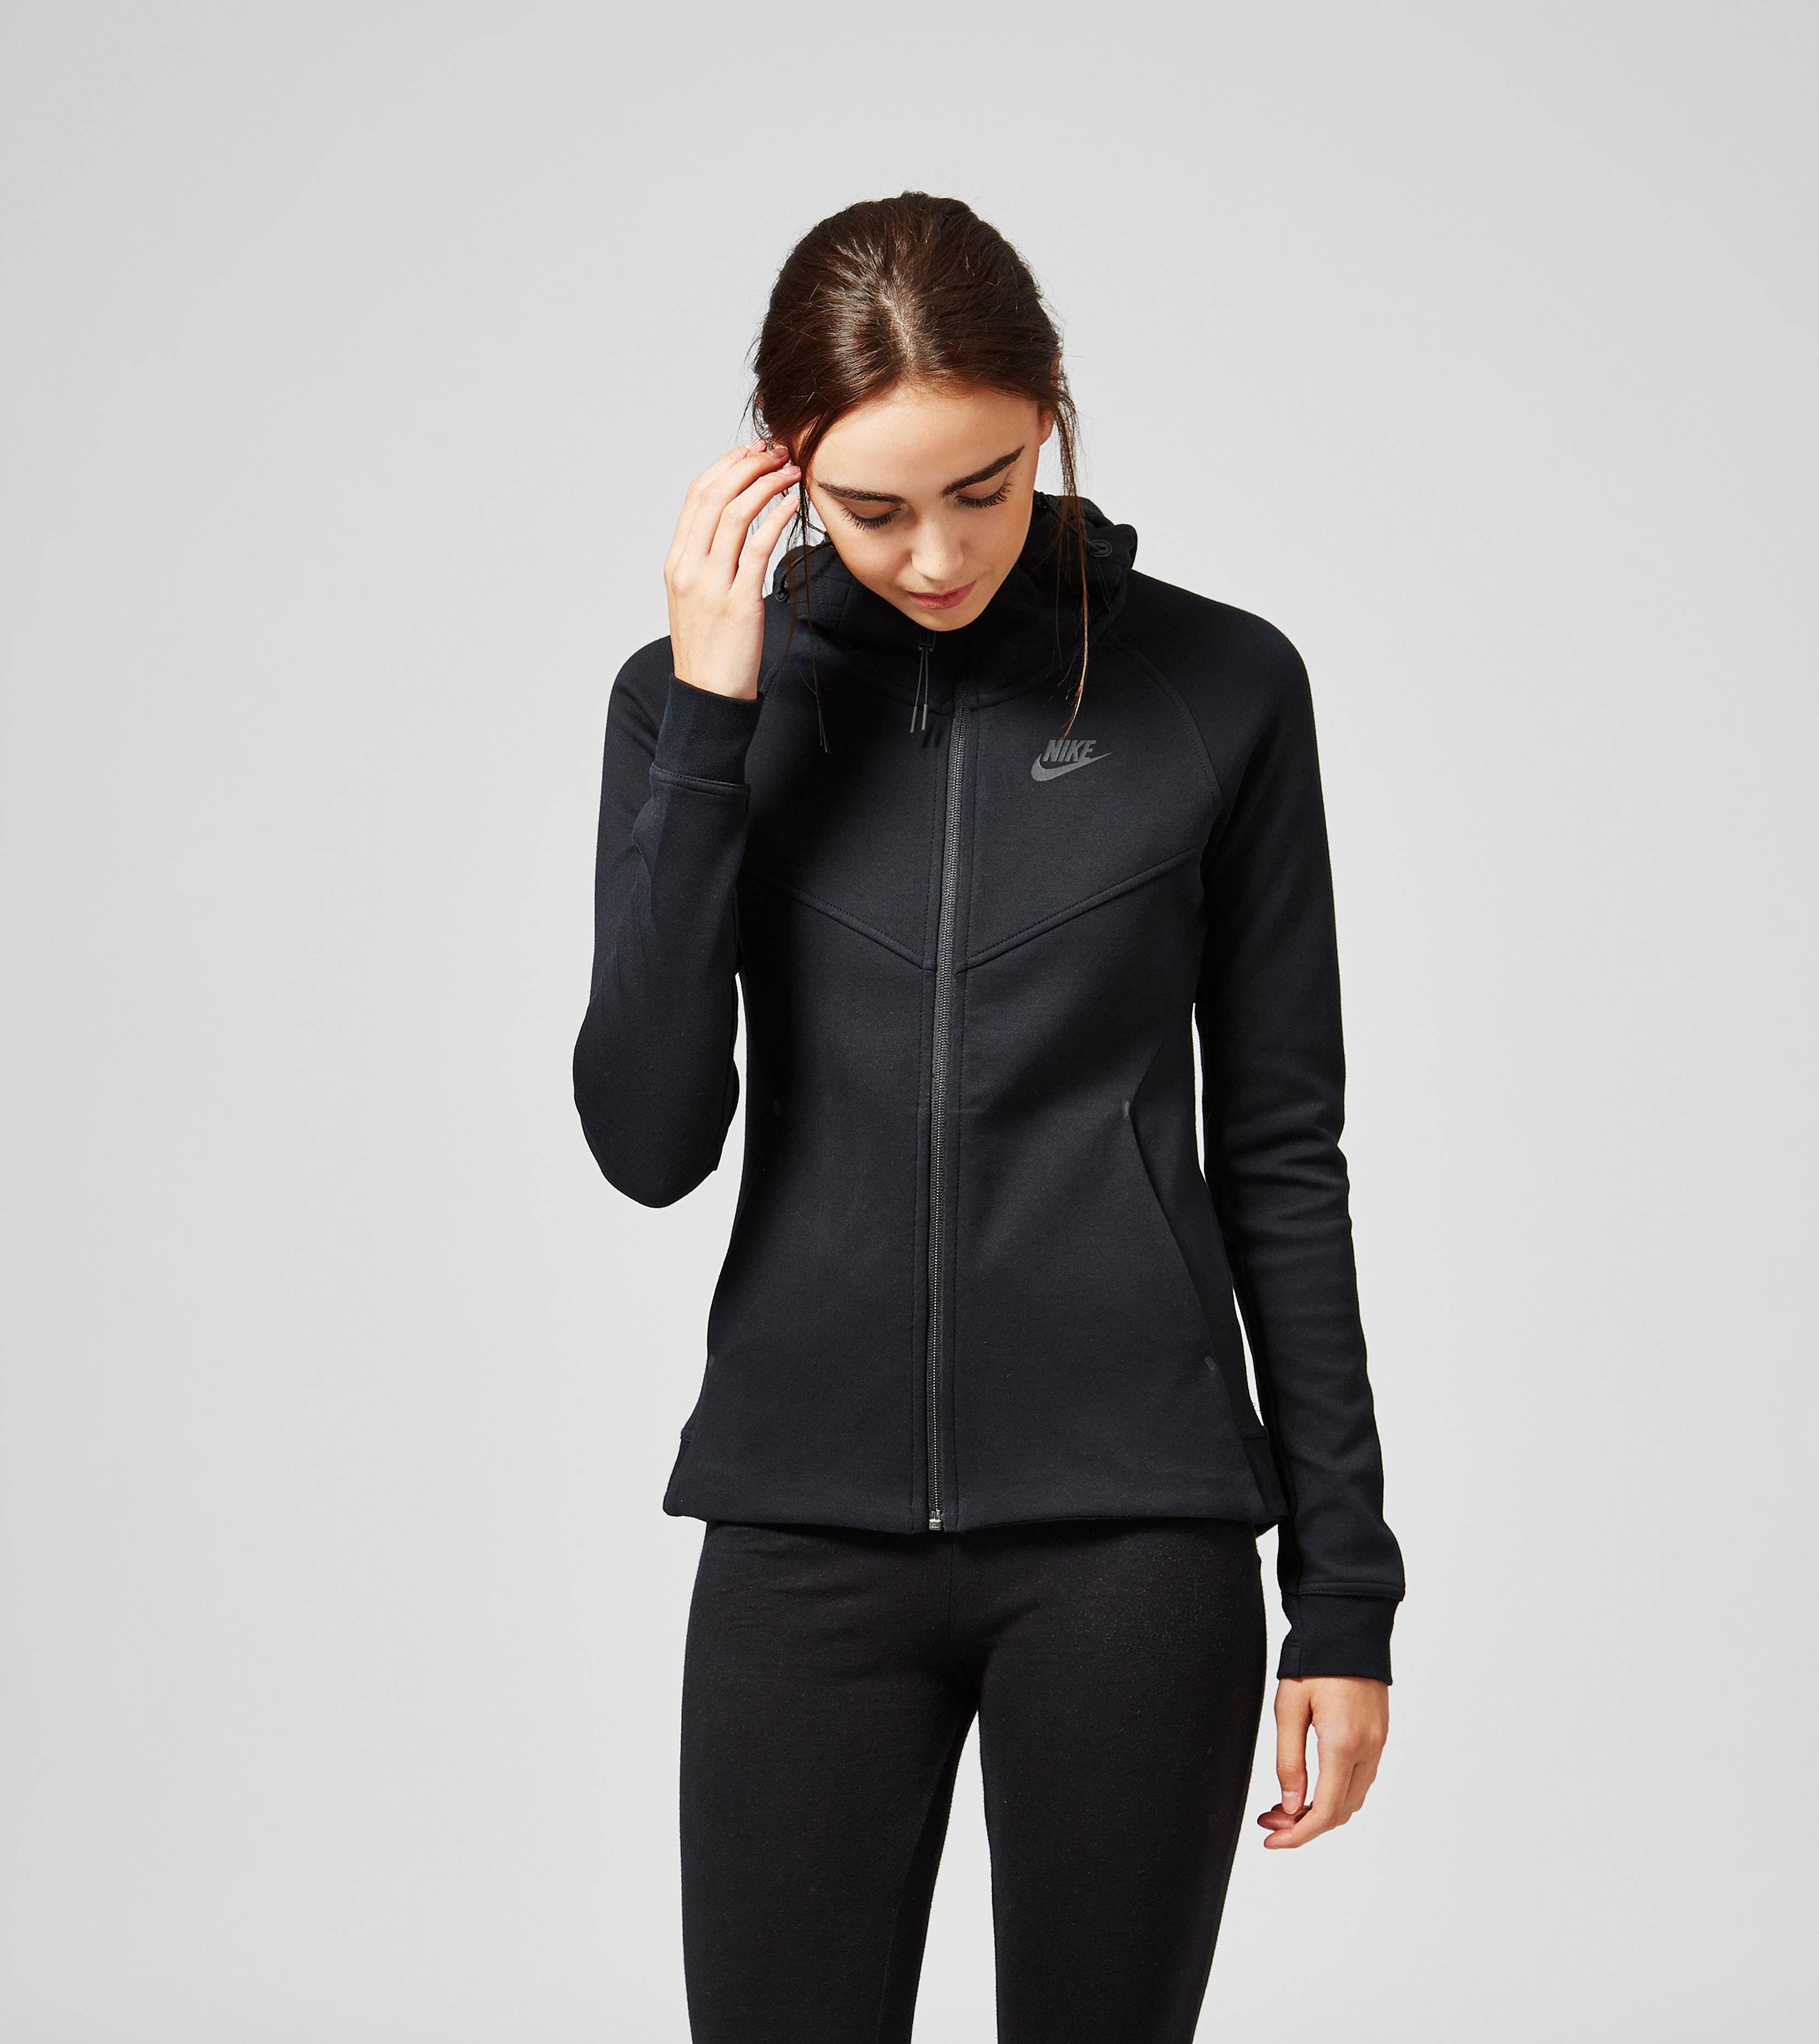 Nike Tech Fleece Zip Hoody Size?